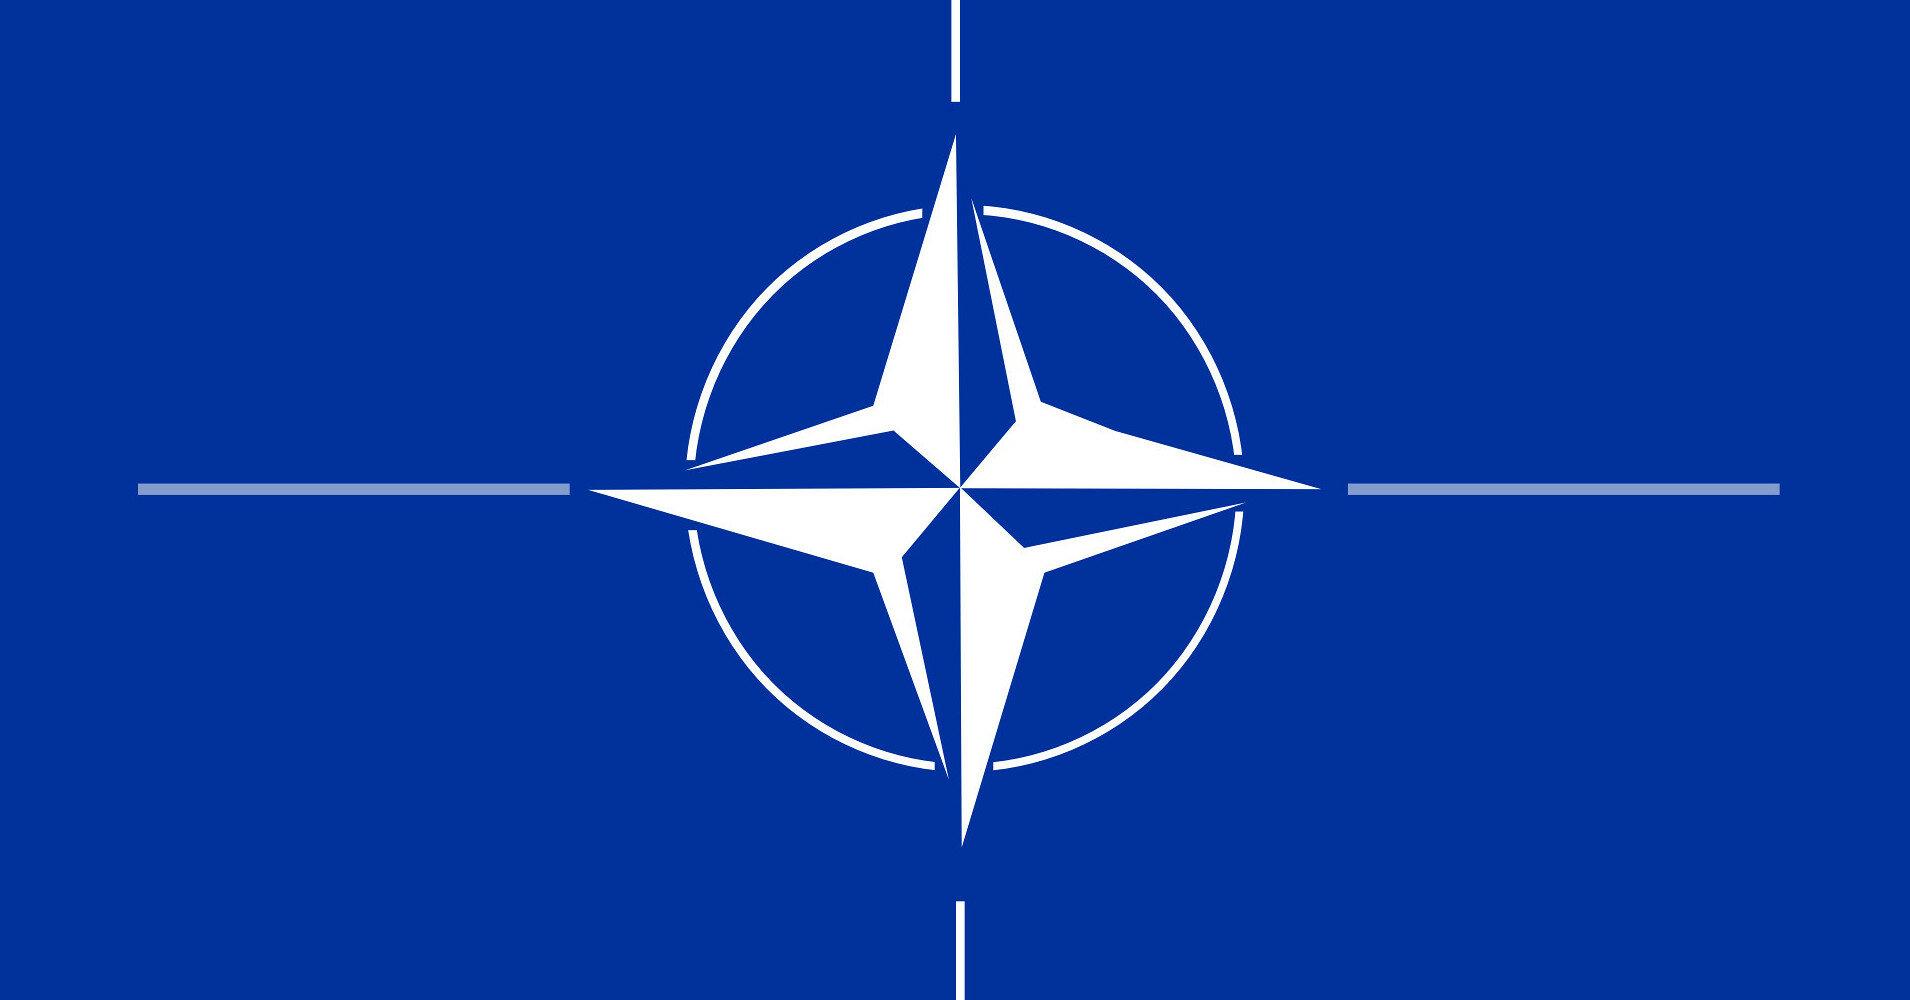 Турция заставила союзников по НАТО смягчить позицию по Беларуси